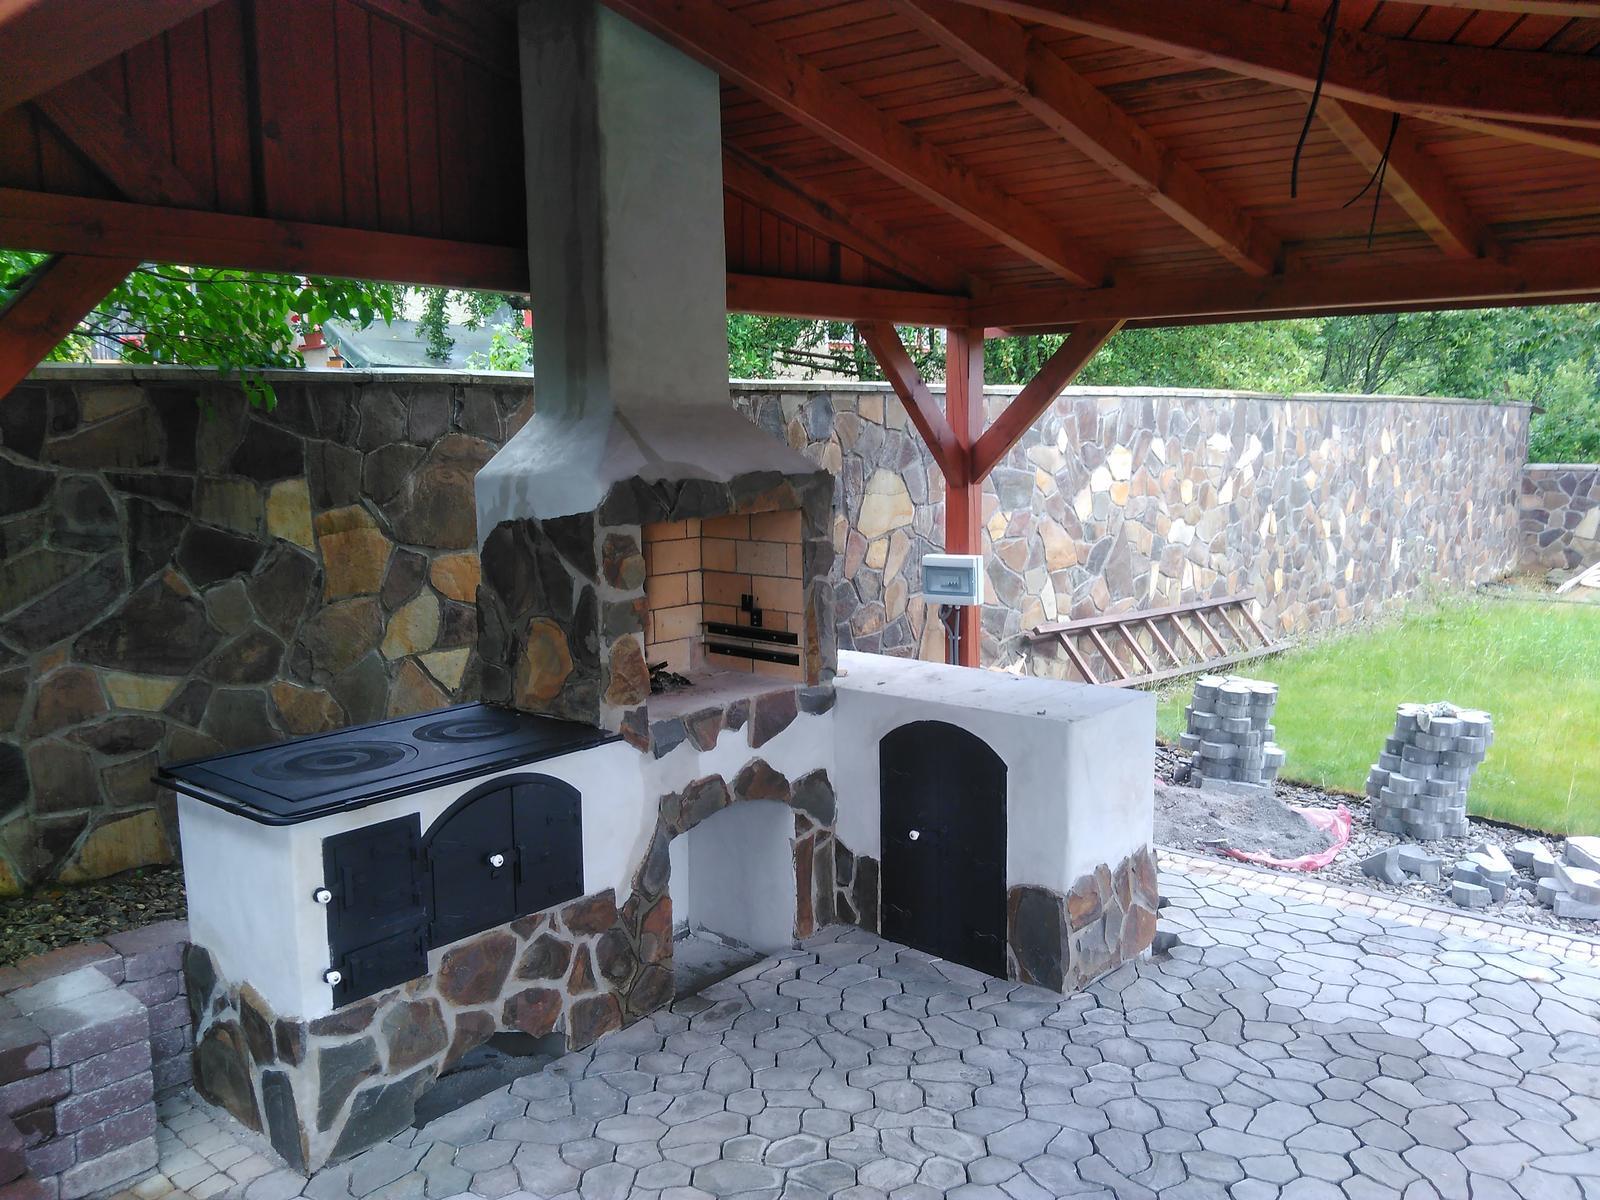 Záhradná kuchyňa - Záhradná kuchyňa - zľava sporák, gril/krb, odkladacie a úložné plochy